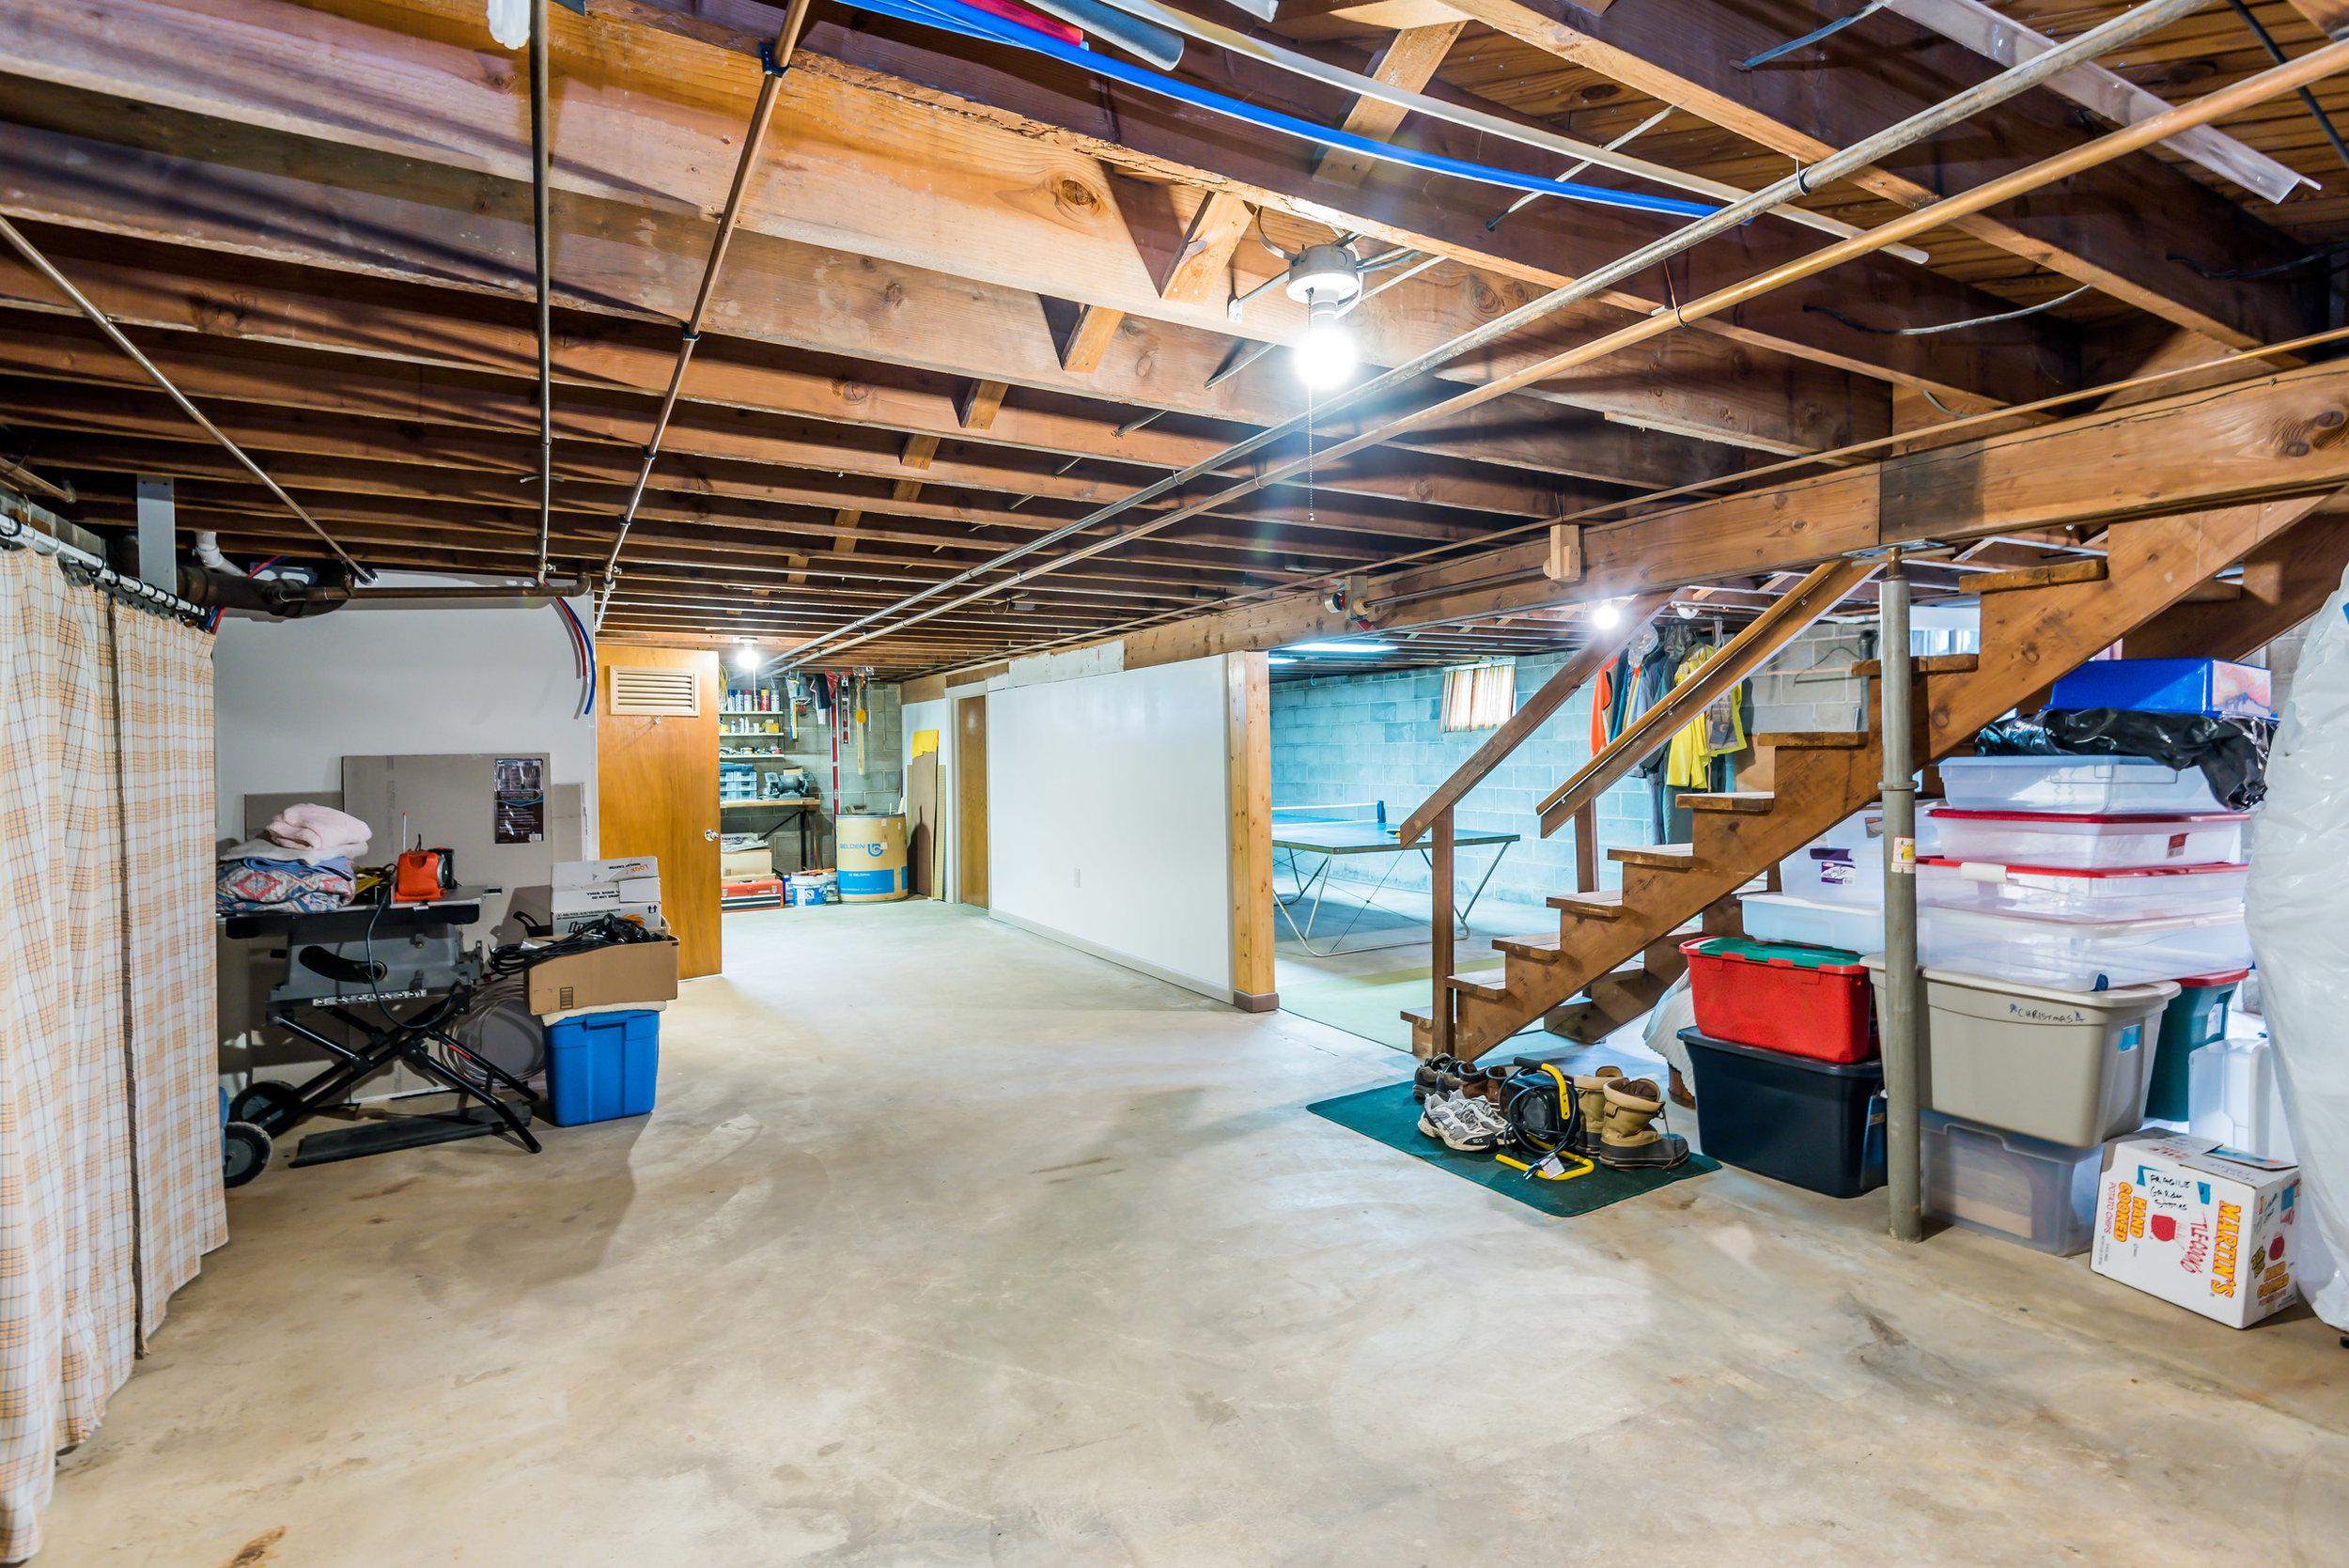 basement_1_of_1_-3.jpg